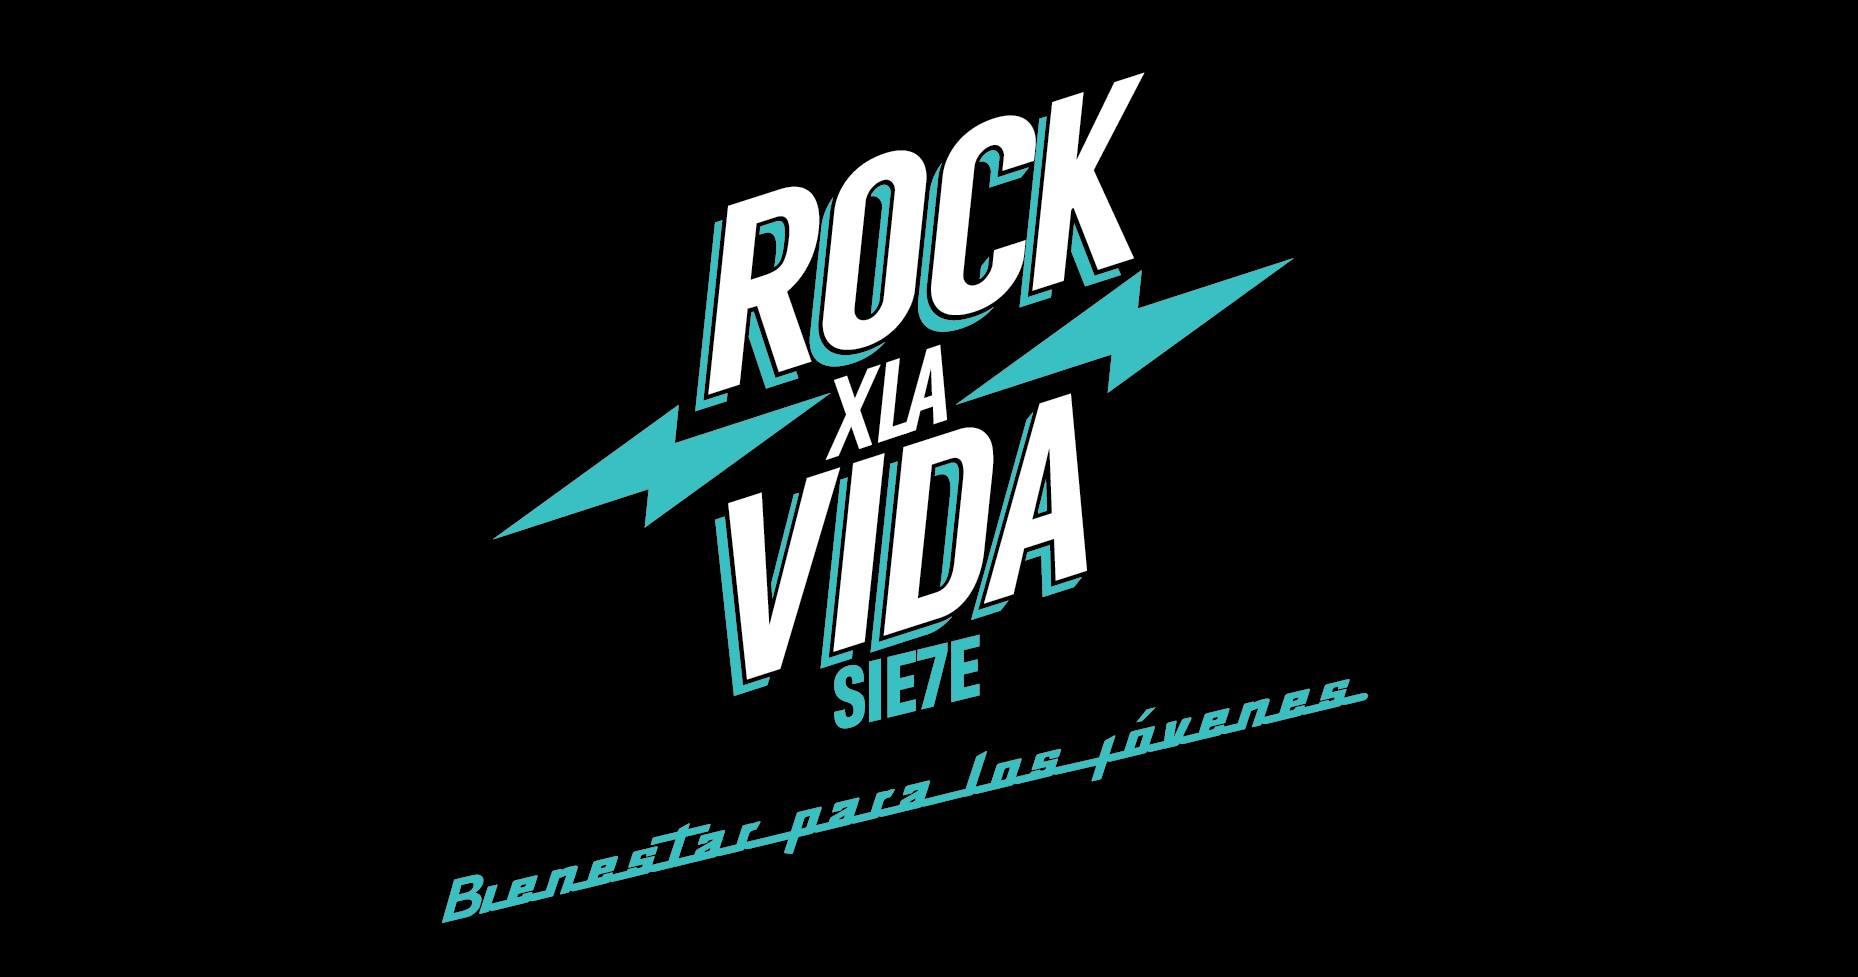 Rock And Vida 2014 Sie7e Veces Del Rock x la Vida